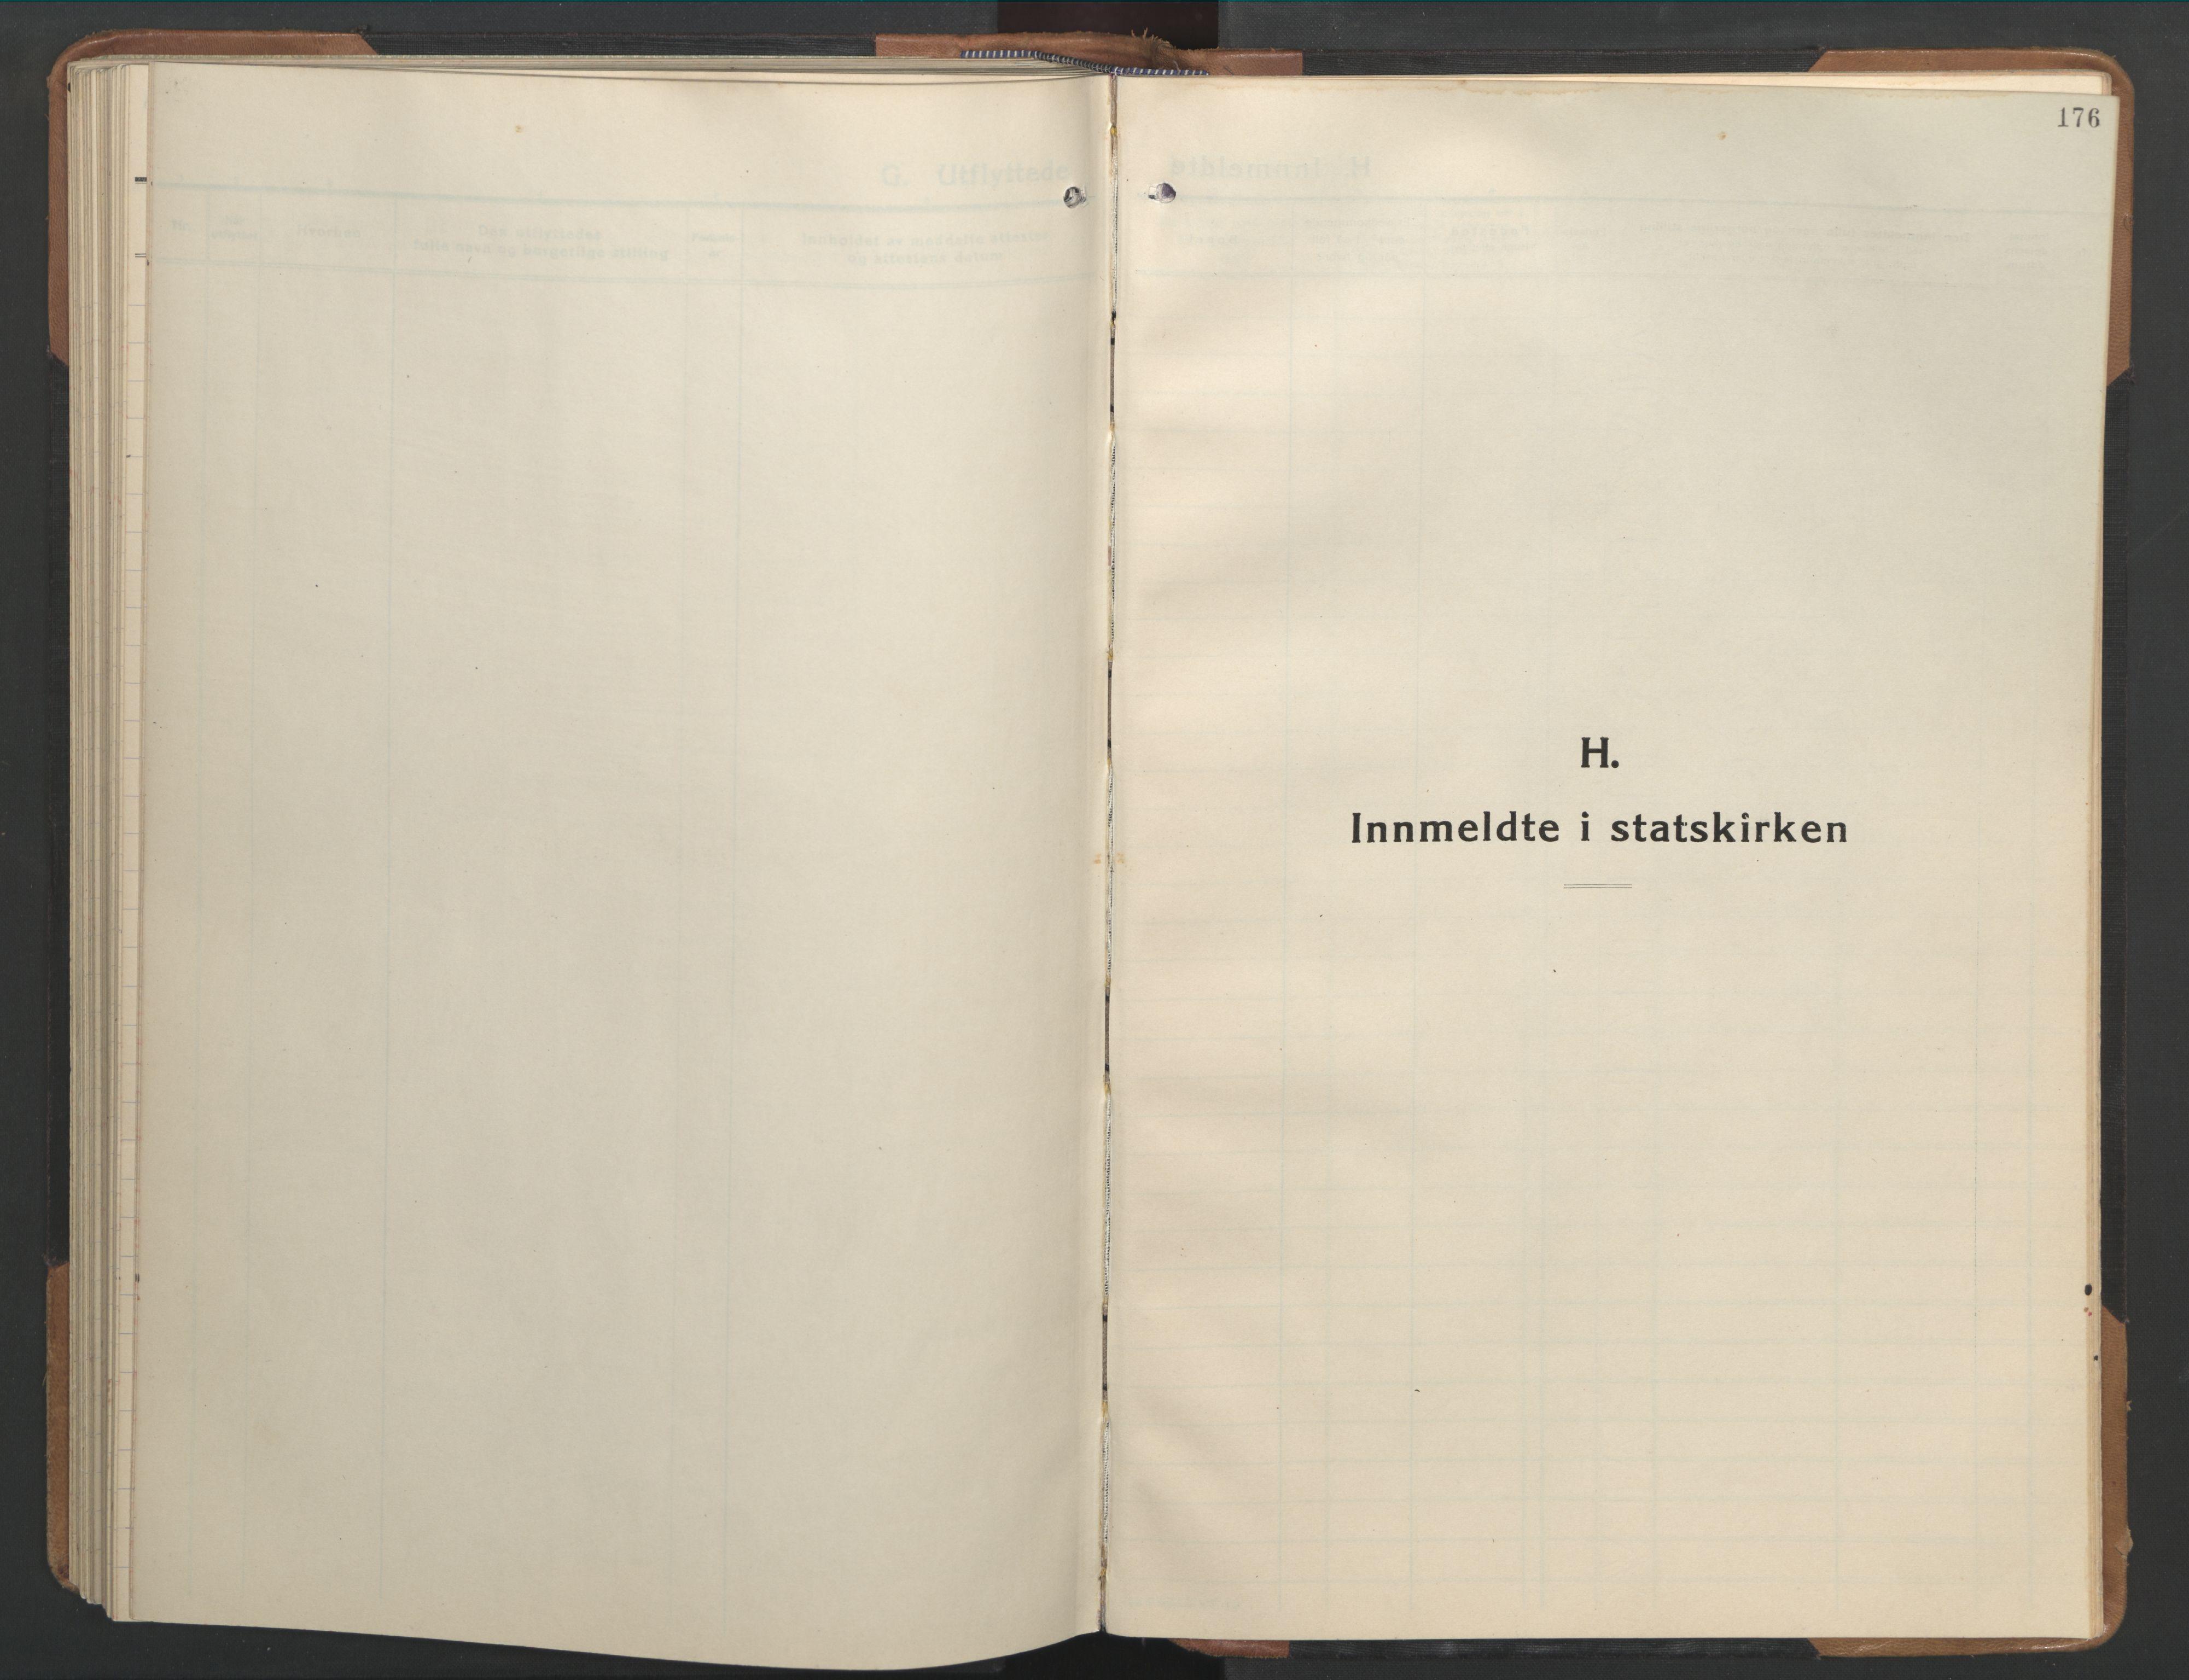 SAT, Ministerialprotokoller, klokkerbøker og fødselsregistre - Sør-Trøndelag, 655/L0690: Klokkerbok nr. 655C06, 1937-1950, s. 176